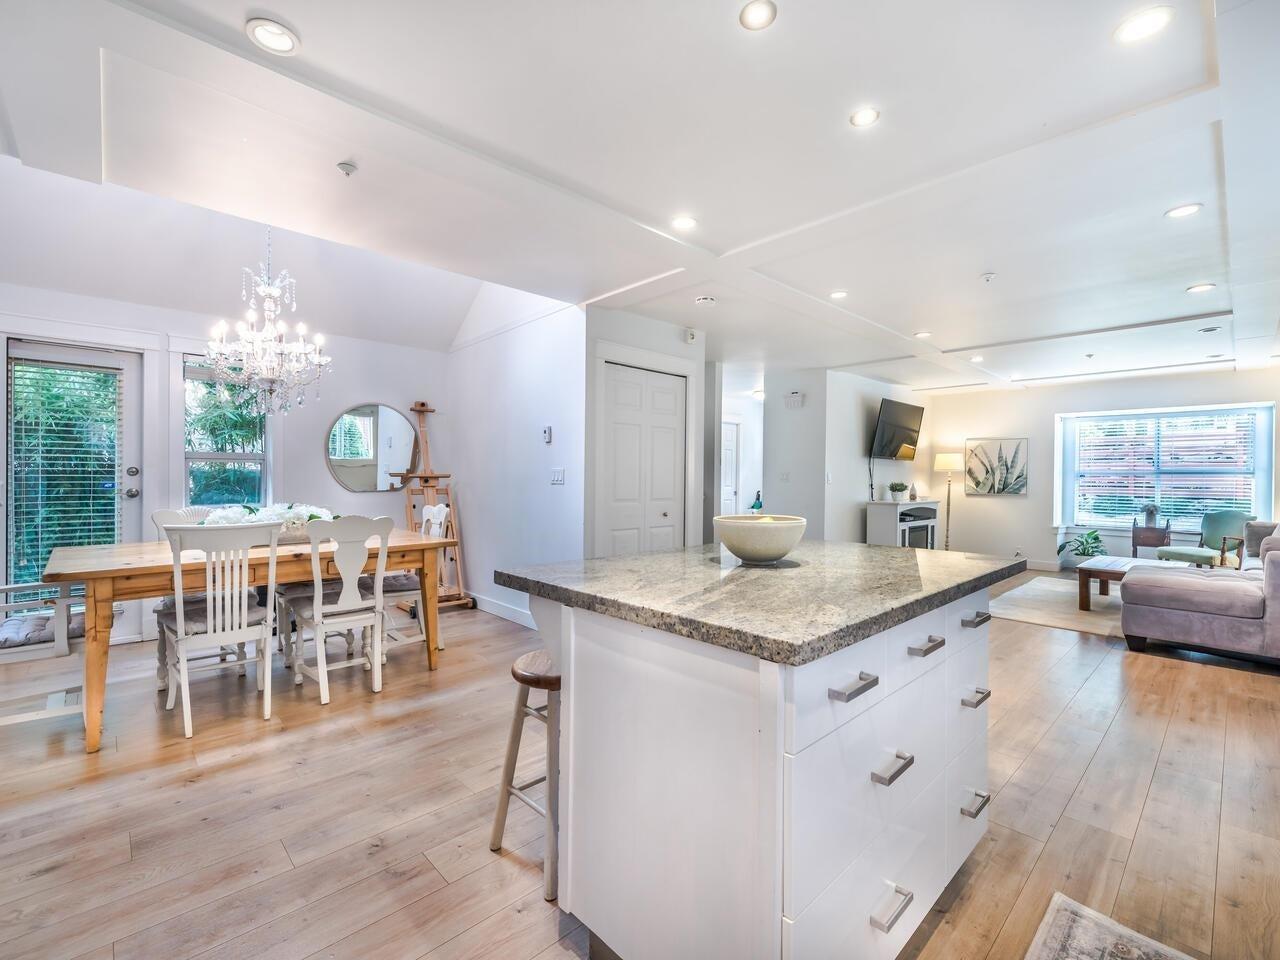 1231 E 11TH AVENUE - Mount Pleasant VE 1/2 Duplex for sale, 3 Bedrooms (R2625828) - #7